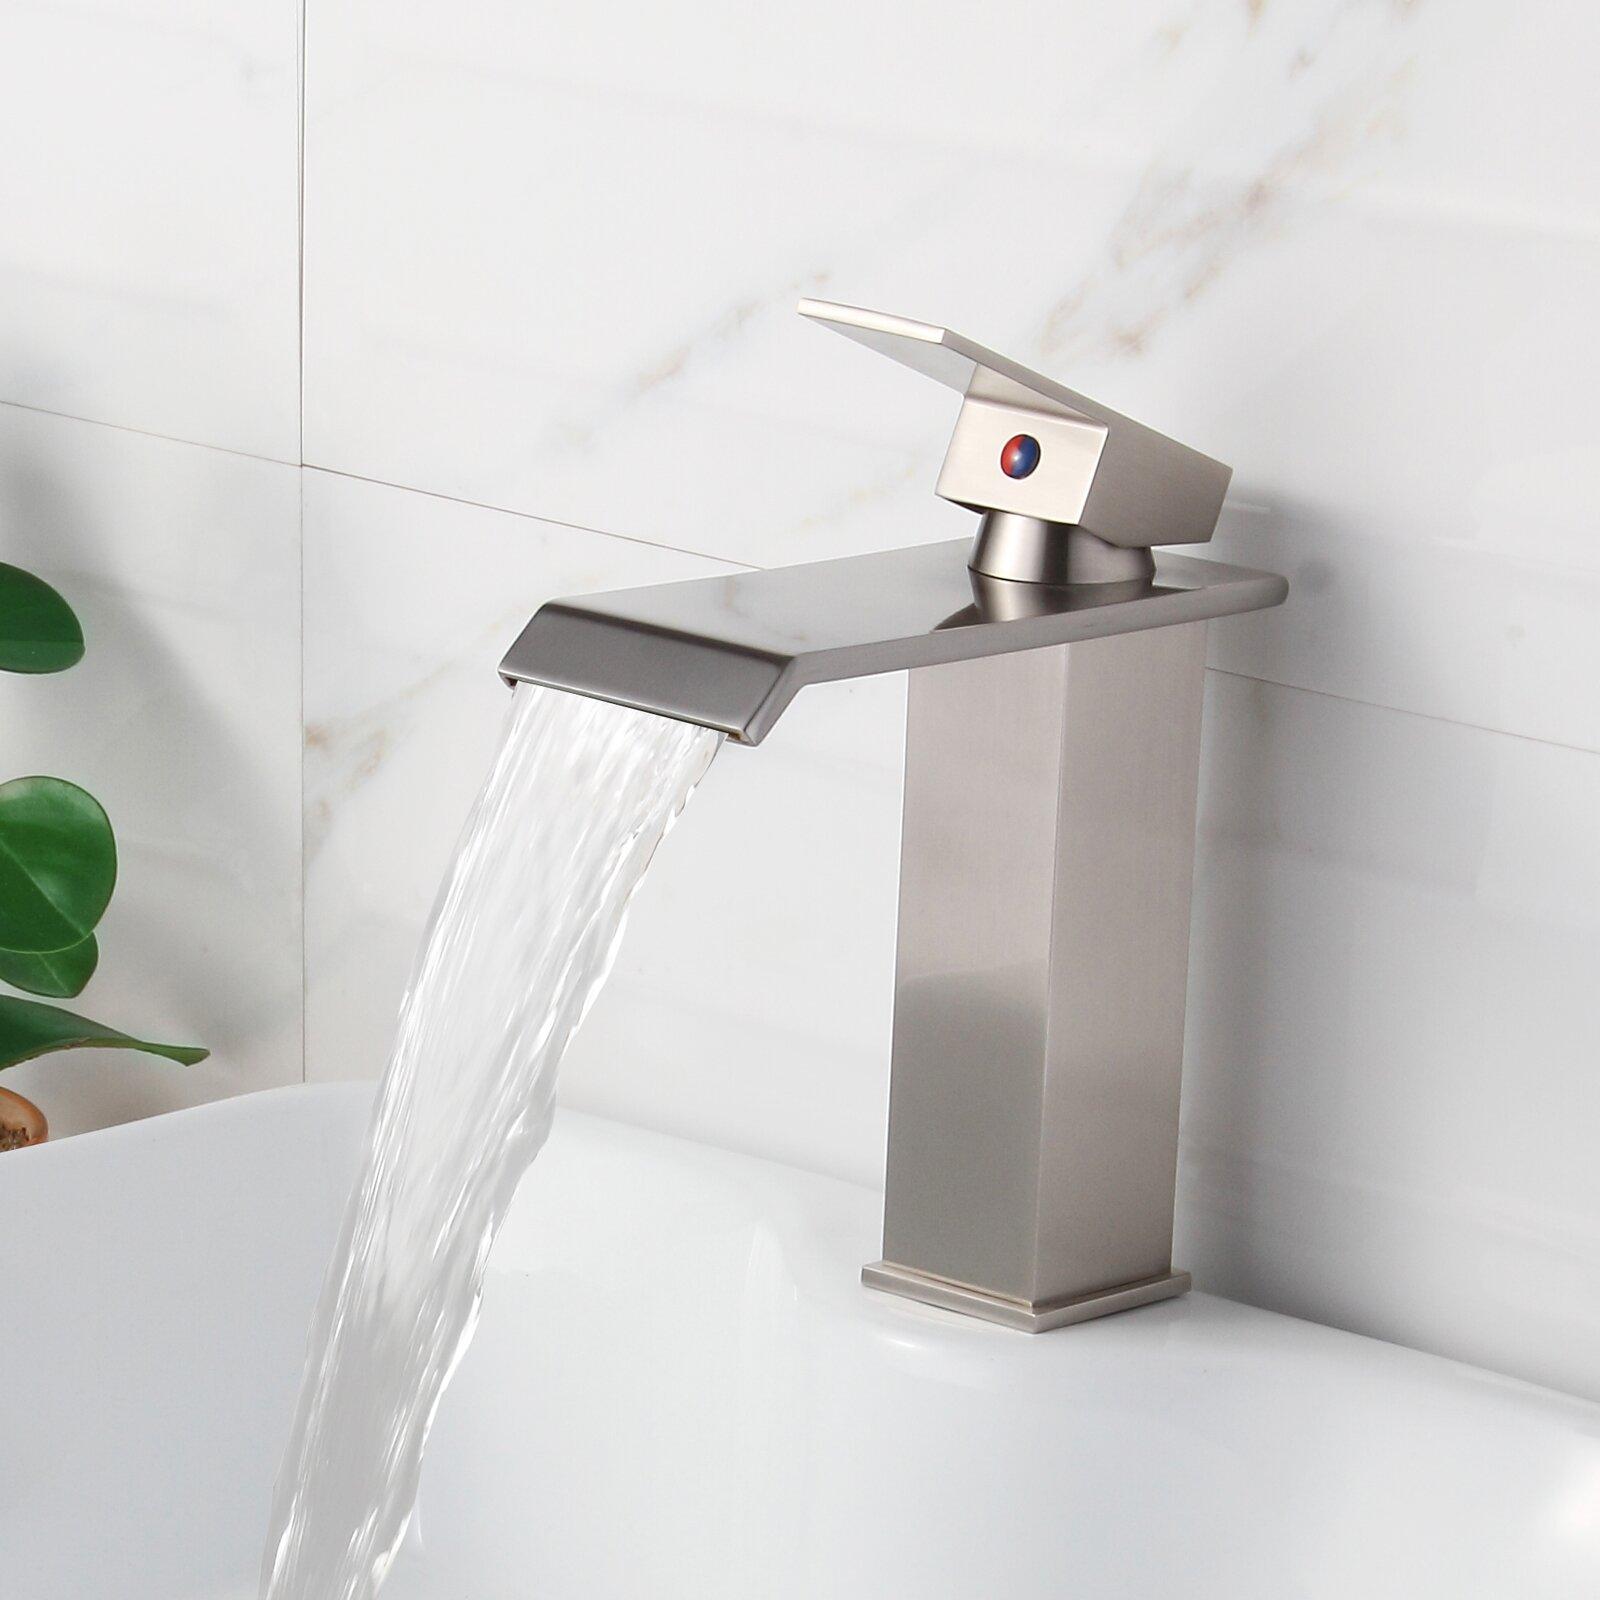 Elite Single Handle Bathroom Waterfall Faucet & Reviews Wayfair